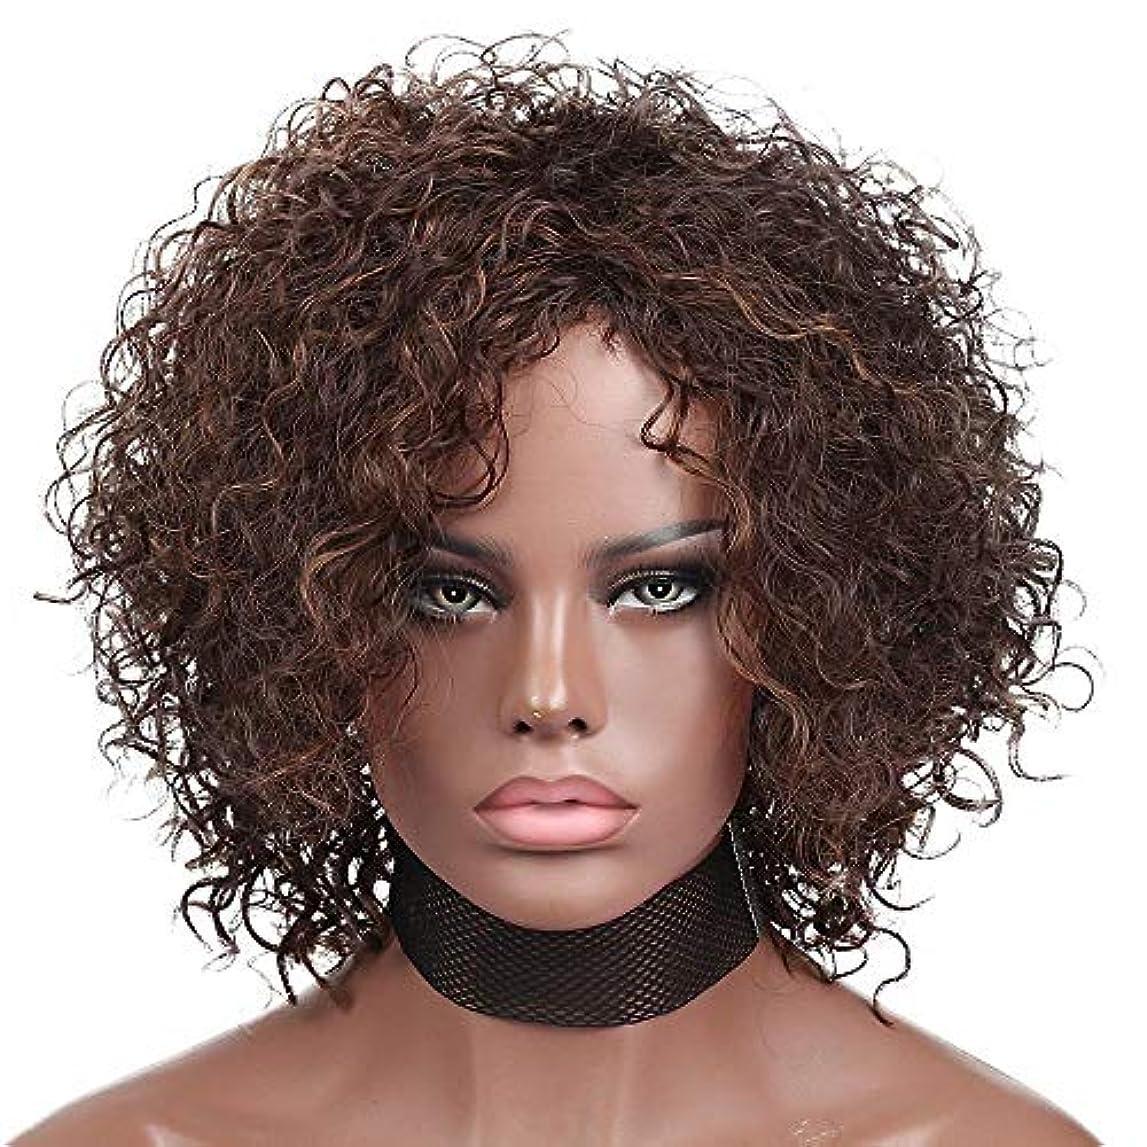 プログラムがんばり続けるフェリーWASAIO 短い巻き毛のかつらブラジル合成女性カールかつらコスプレハロウィンブラックウェーブファッション爆発ヘッド (色 : ブラウン)